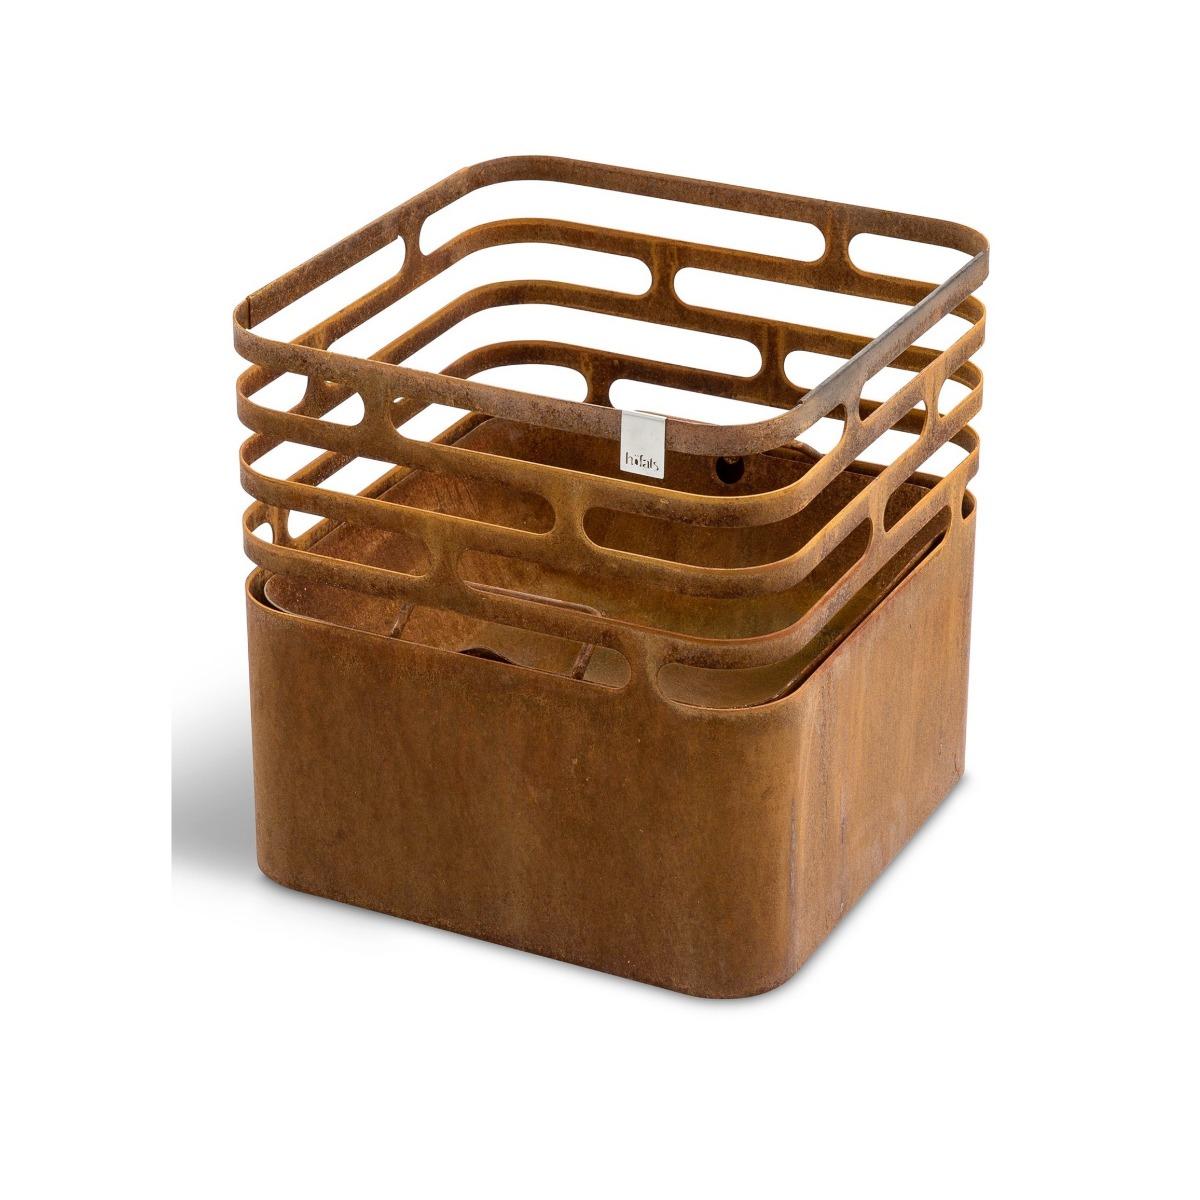 Cube Vuurkorf Multifunctioneel - roest